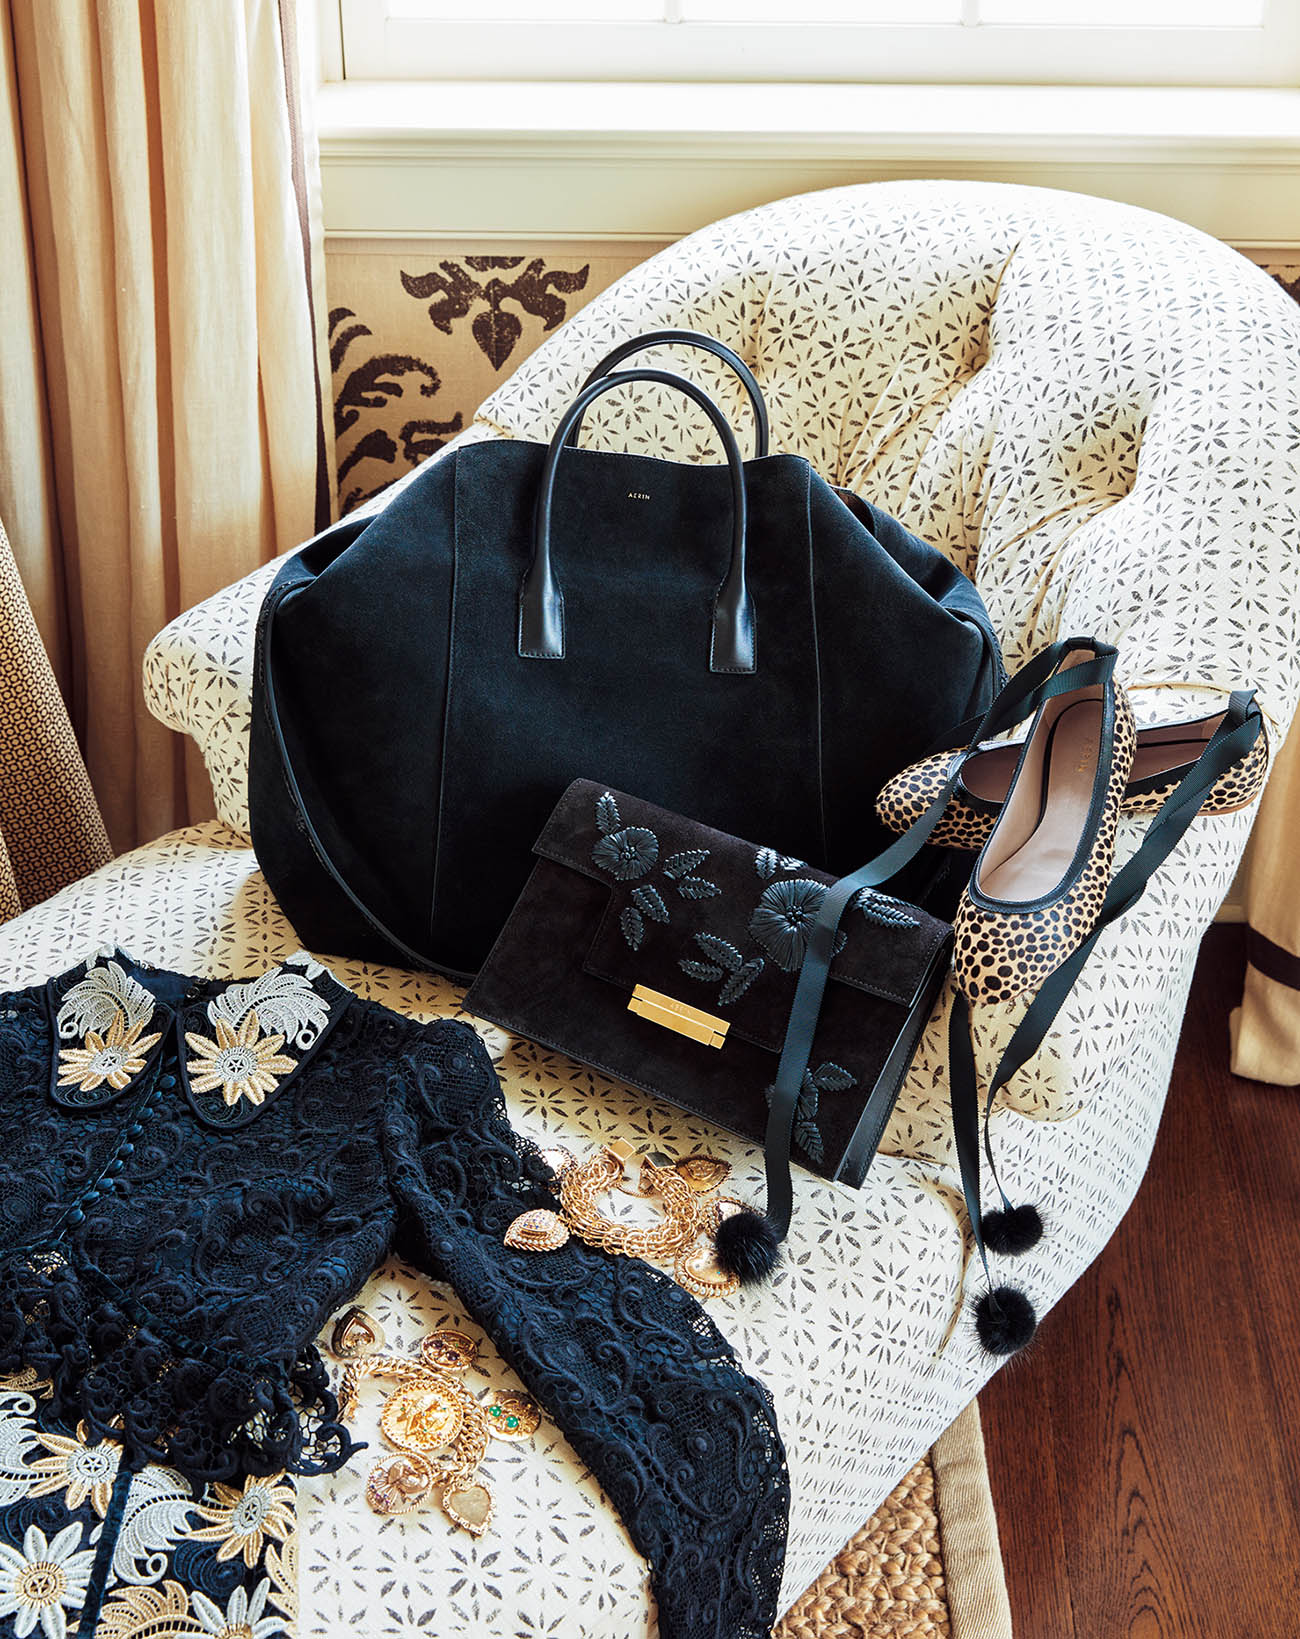 에르뎀 드레스와 에어린의 핸드백과 슈즈, 그리고 팔찌